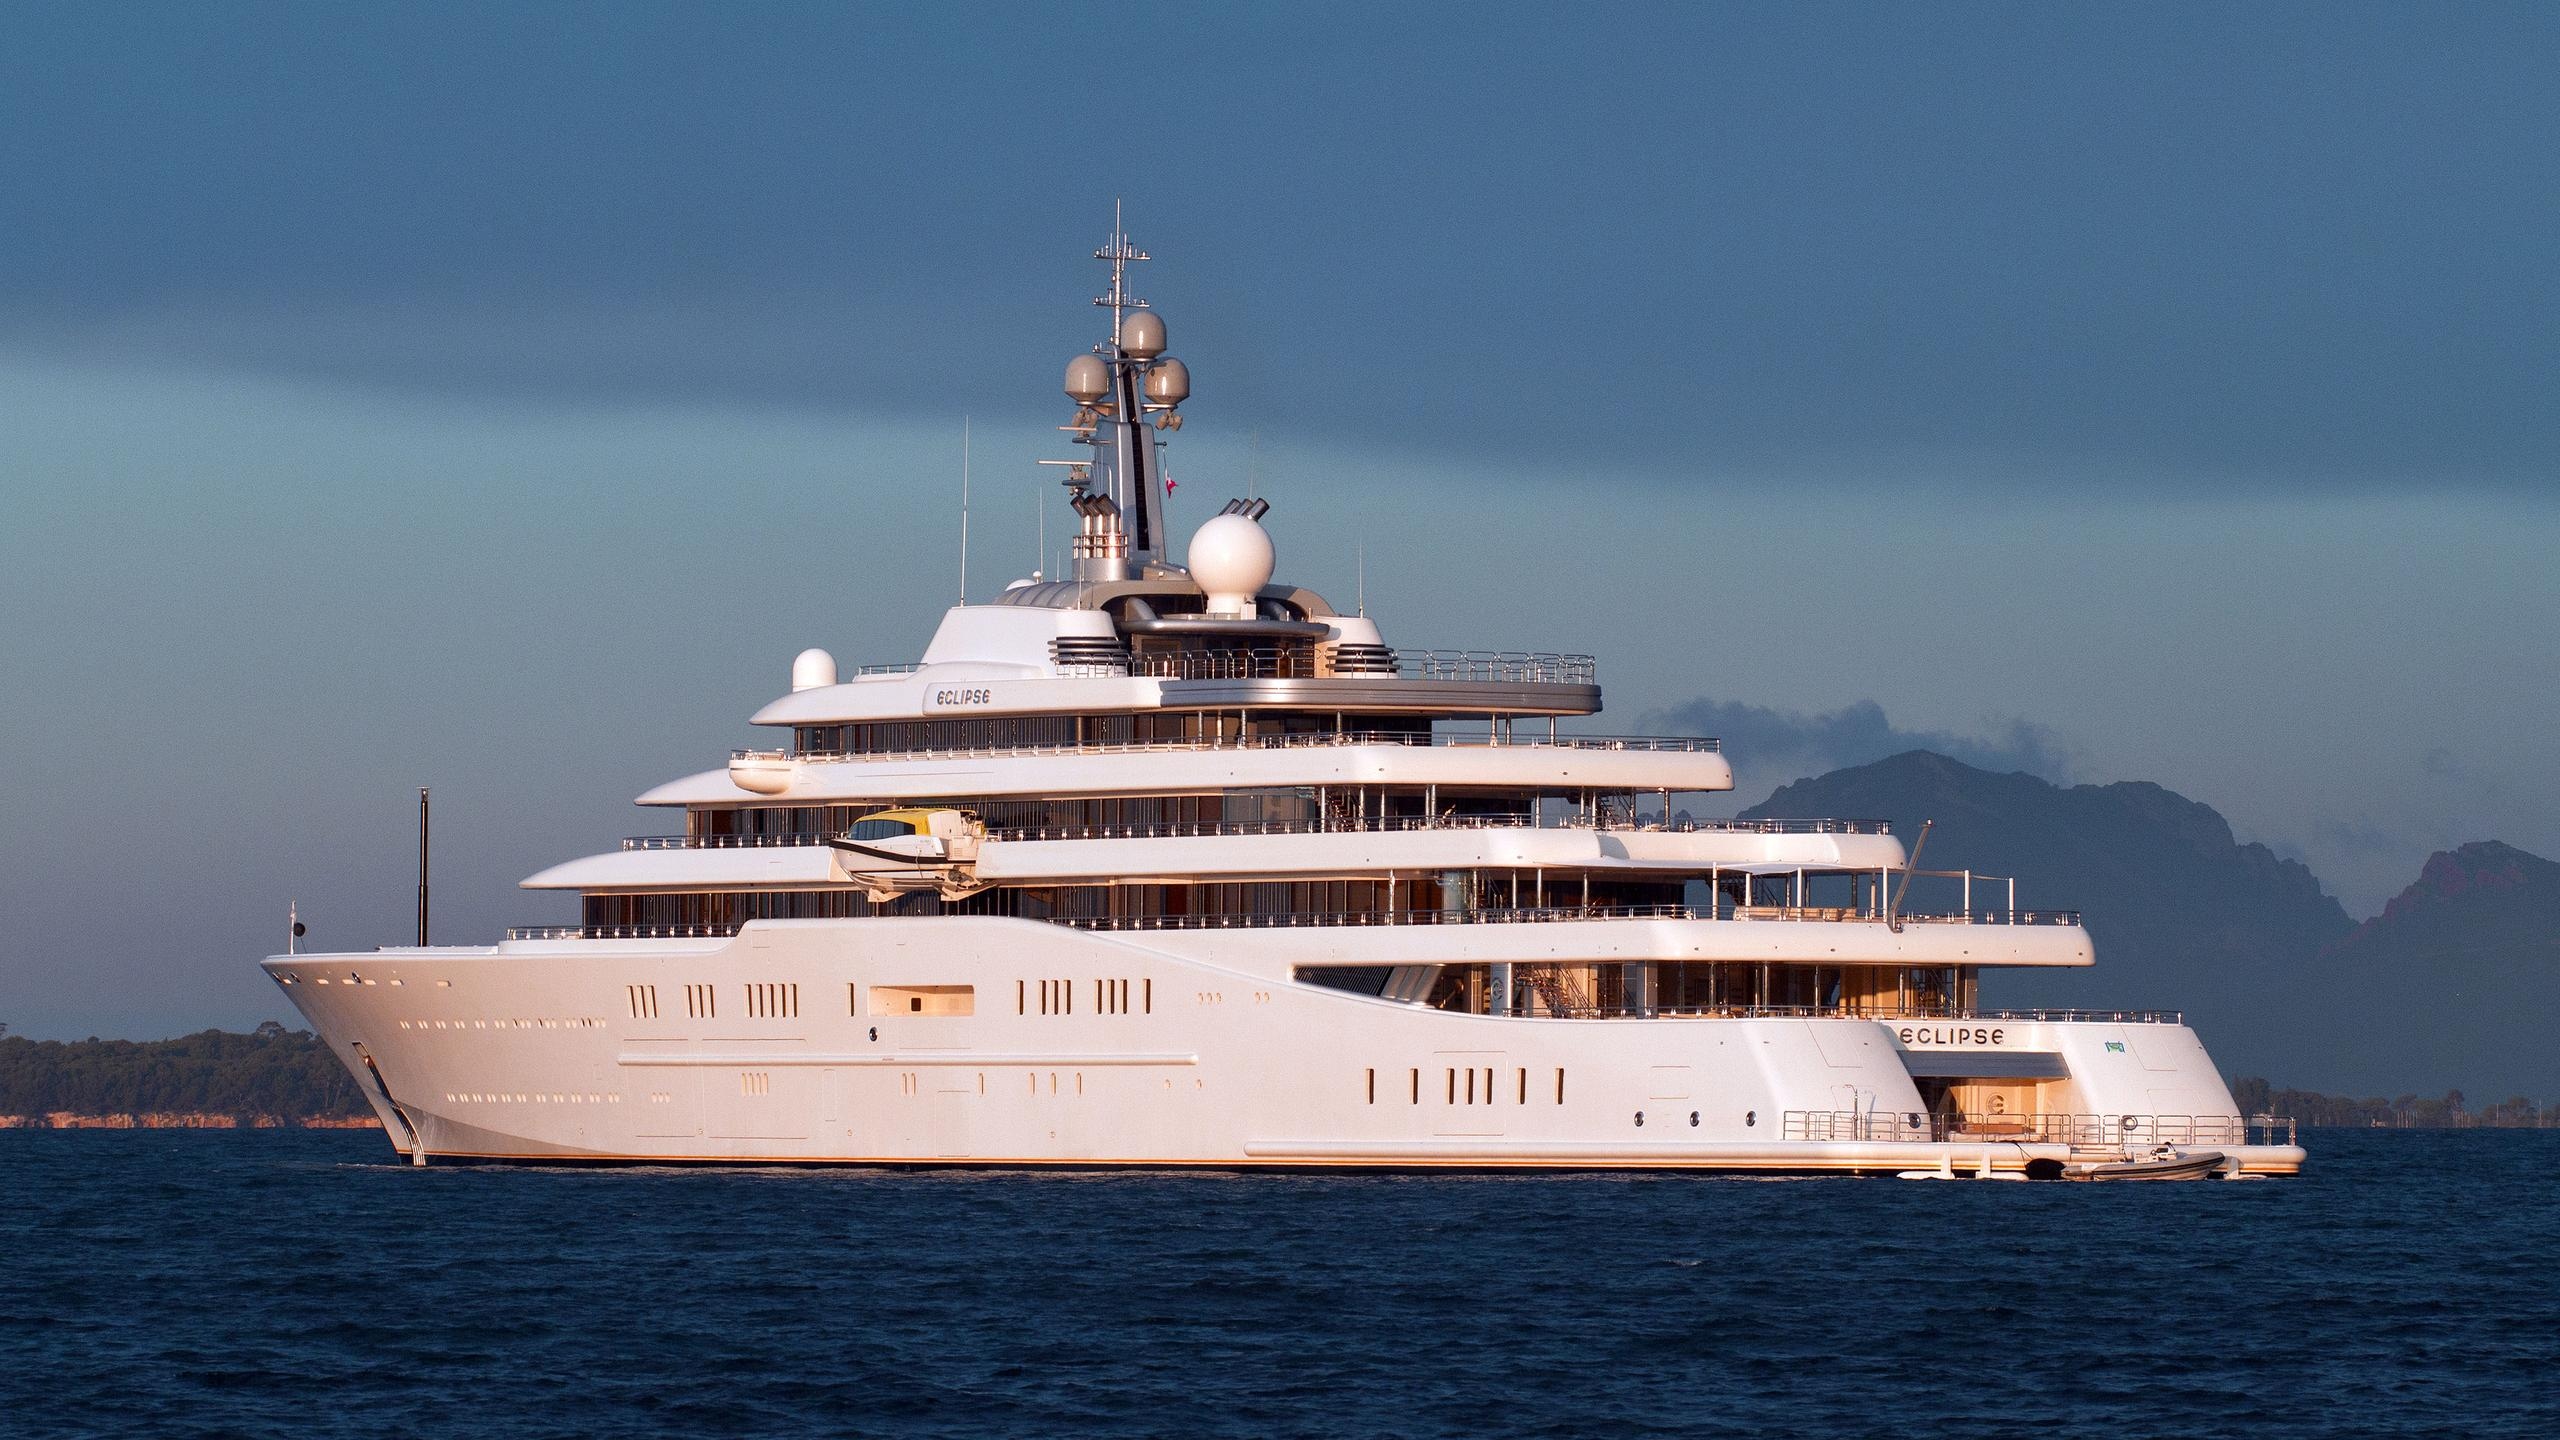 eclipse-motor-yacht-blohm-voss-2010-162m-stern